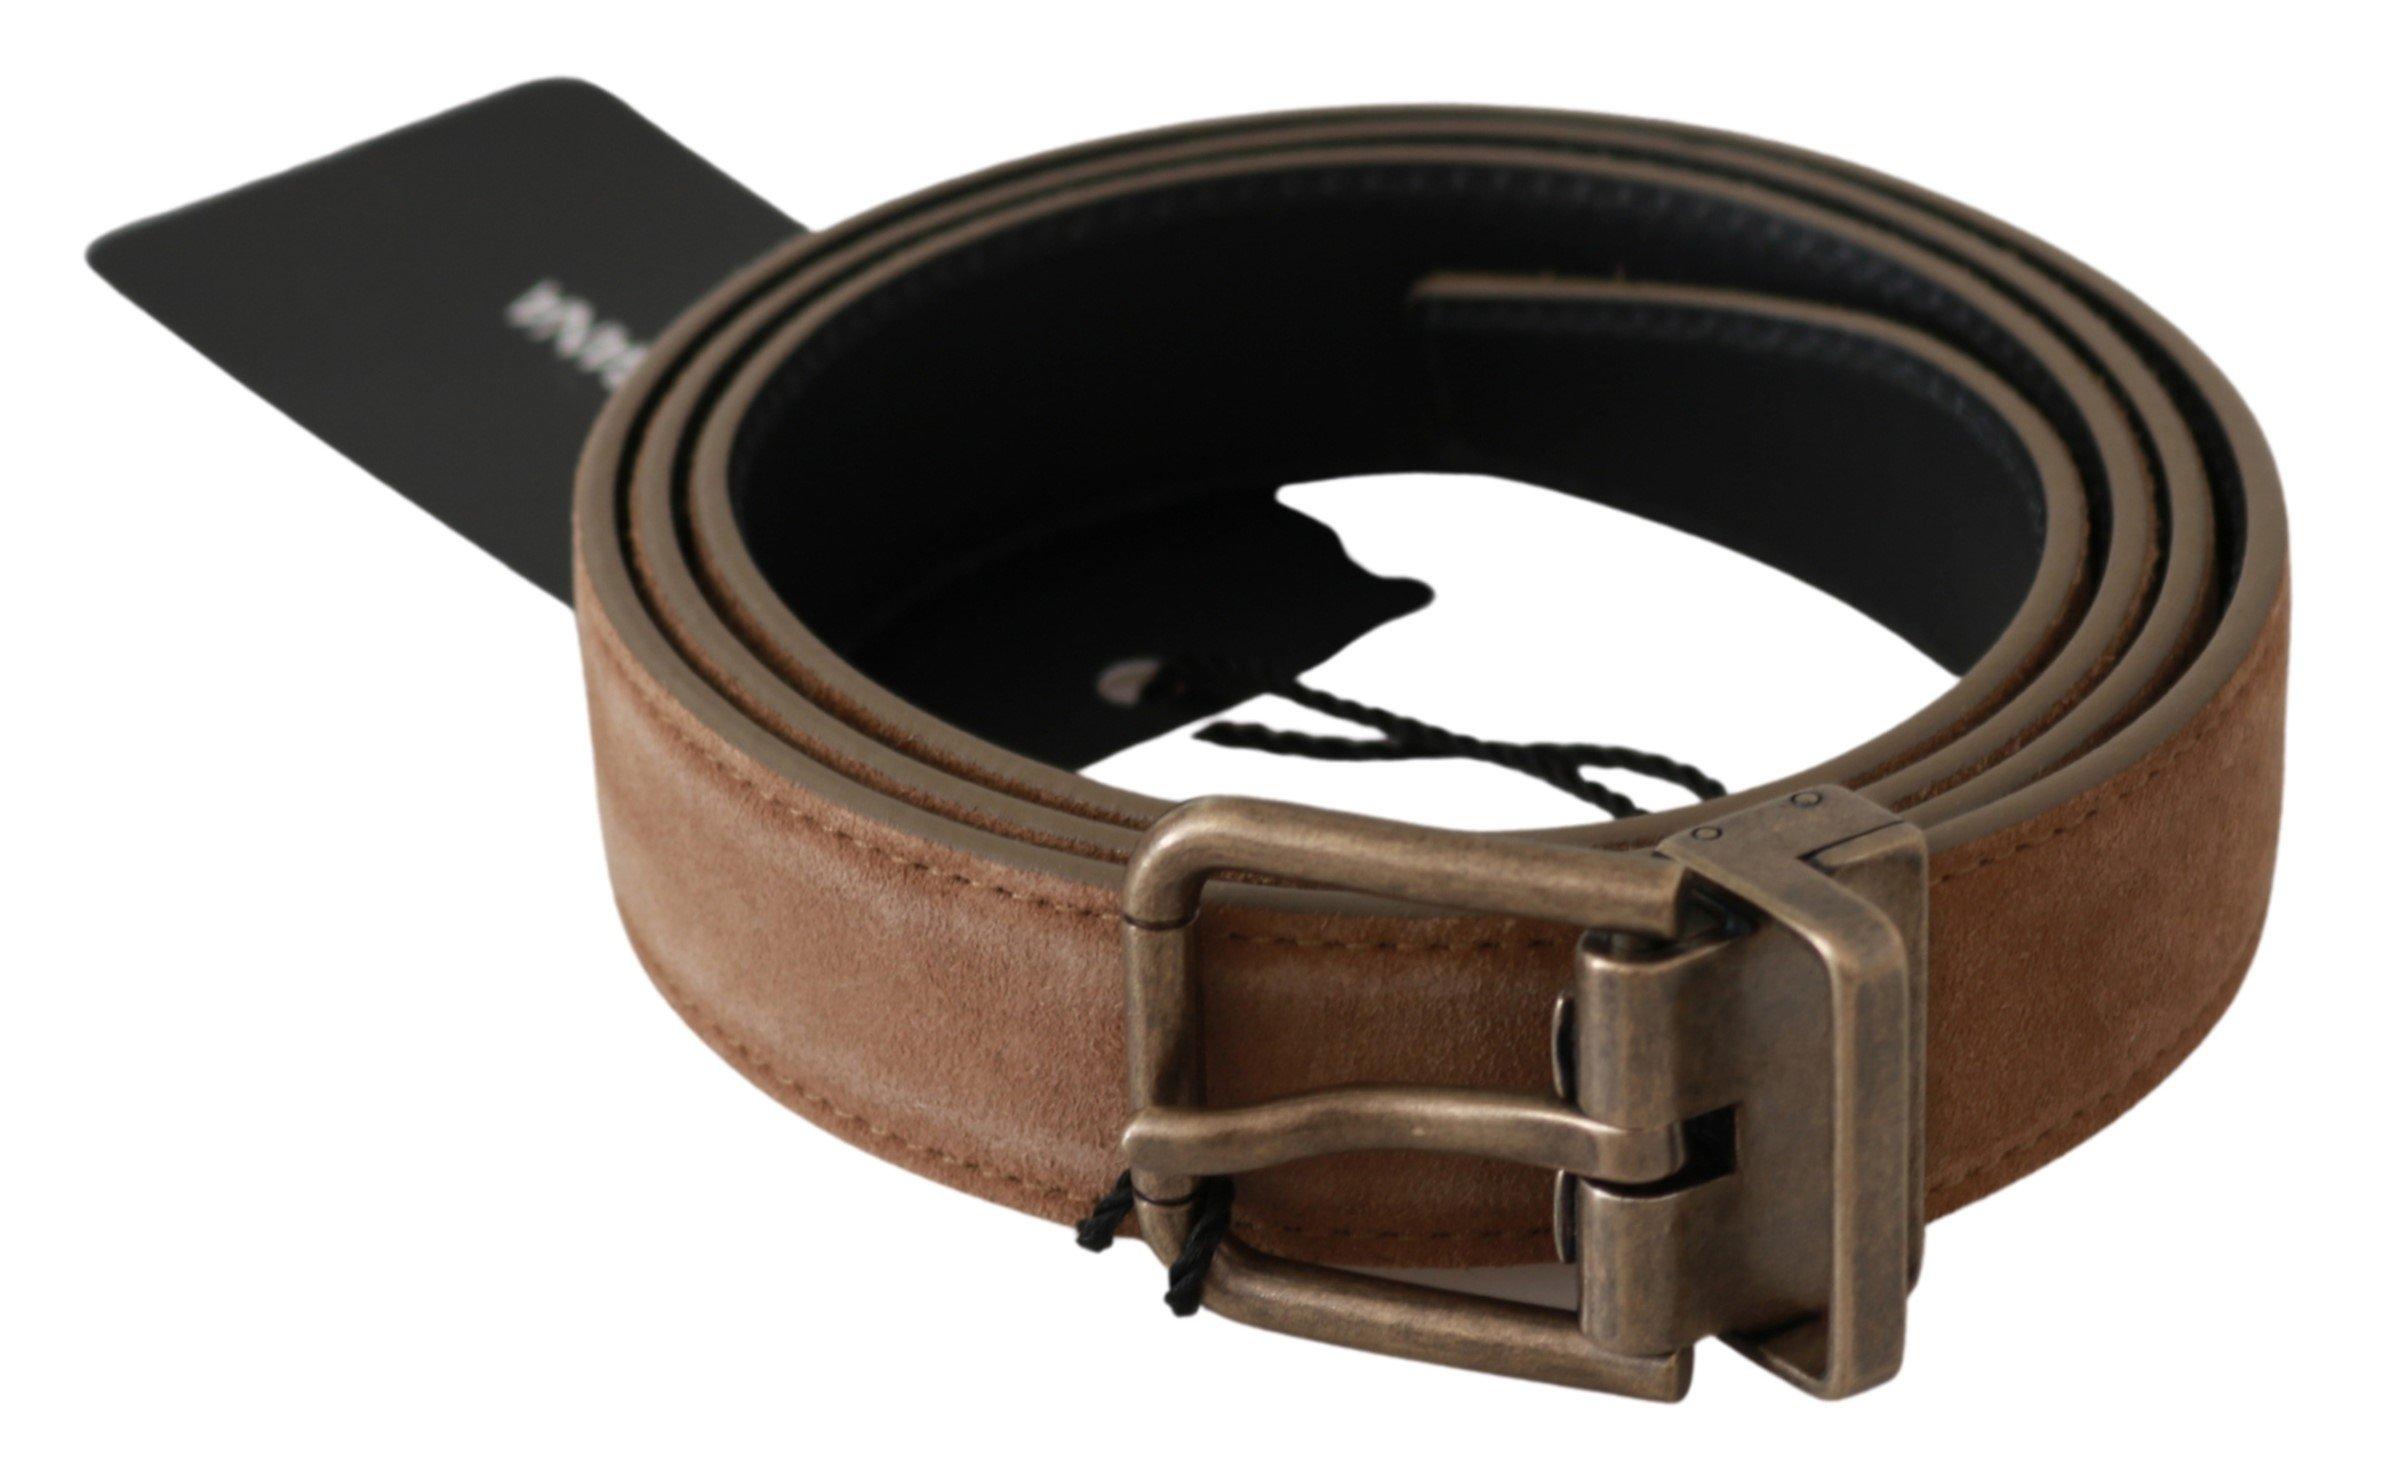 Dolce & Gabbana Men's Buckle Waist Leather Belt Brown BEL60614 - 90 cm / 36 Inches